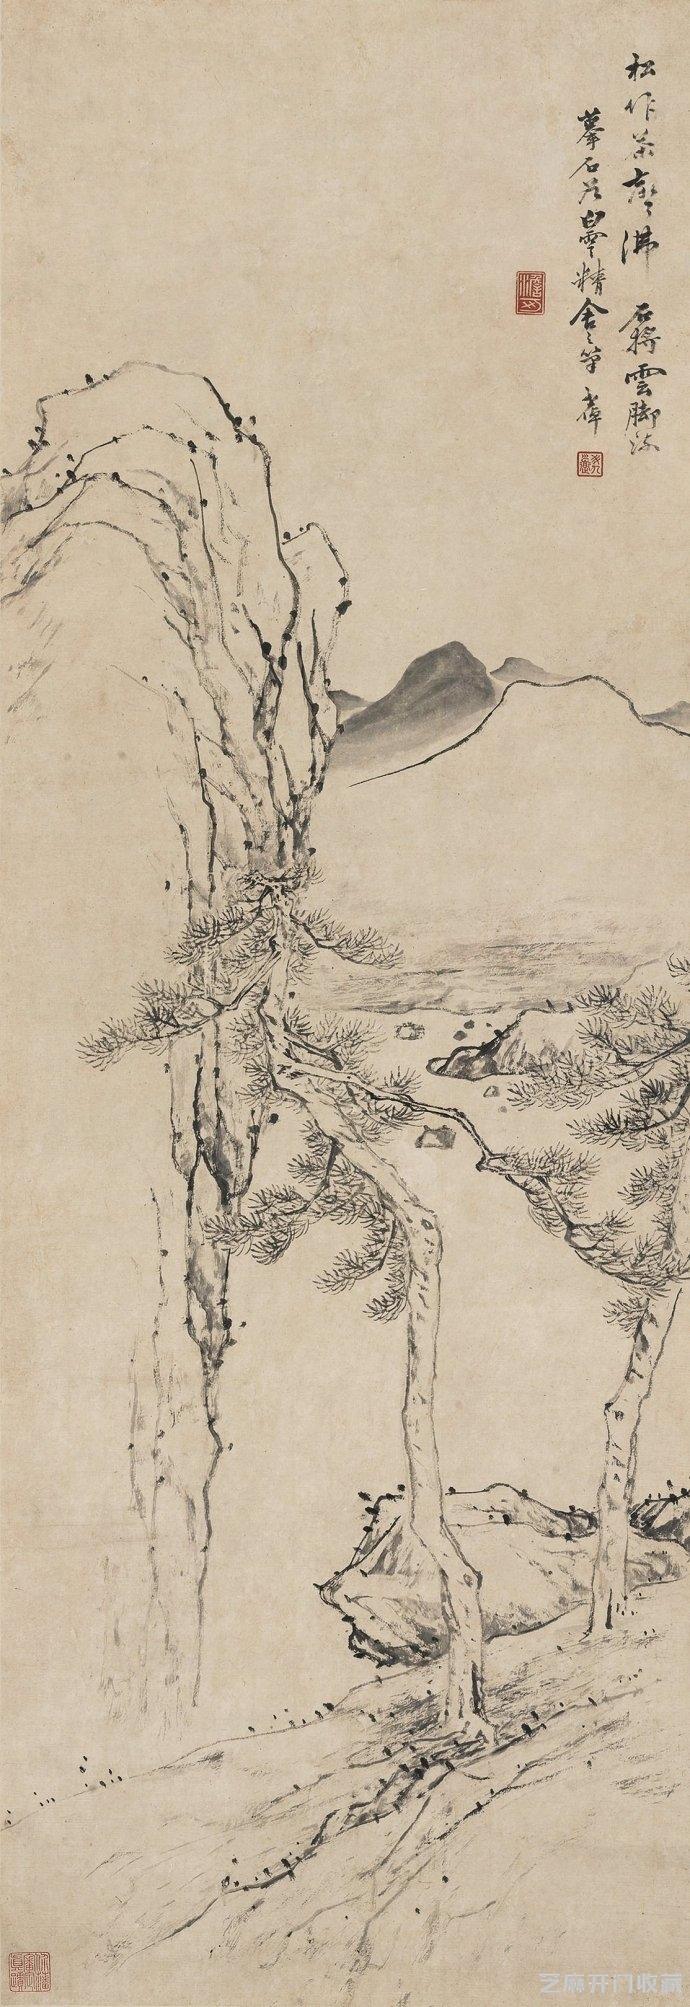 「汾酒图片」画家李世倬山水作品赏析